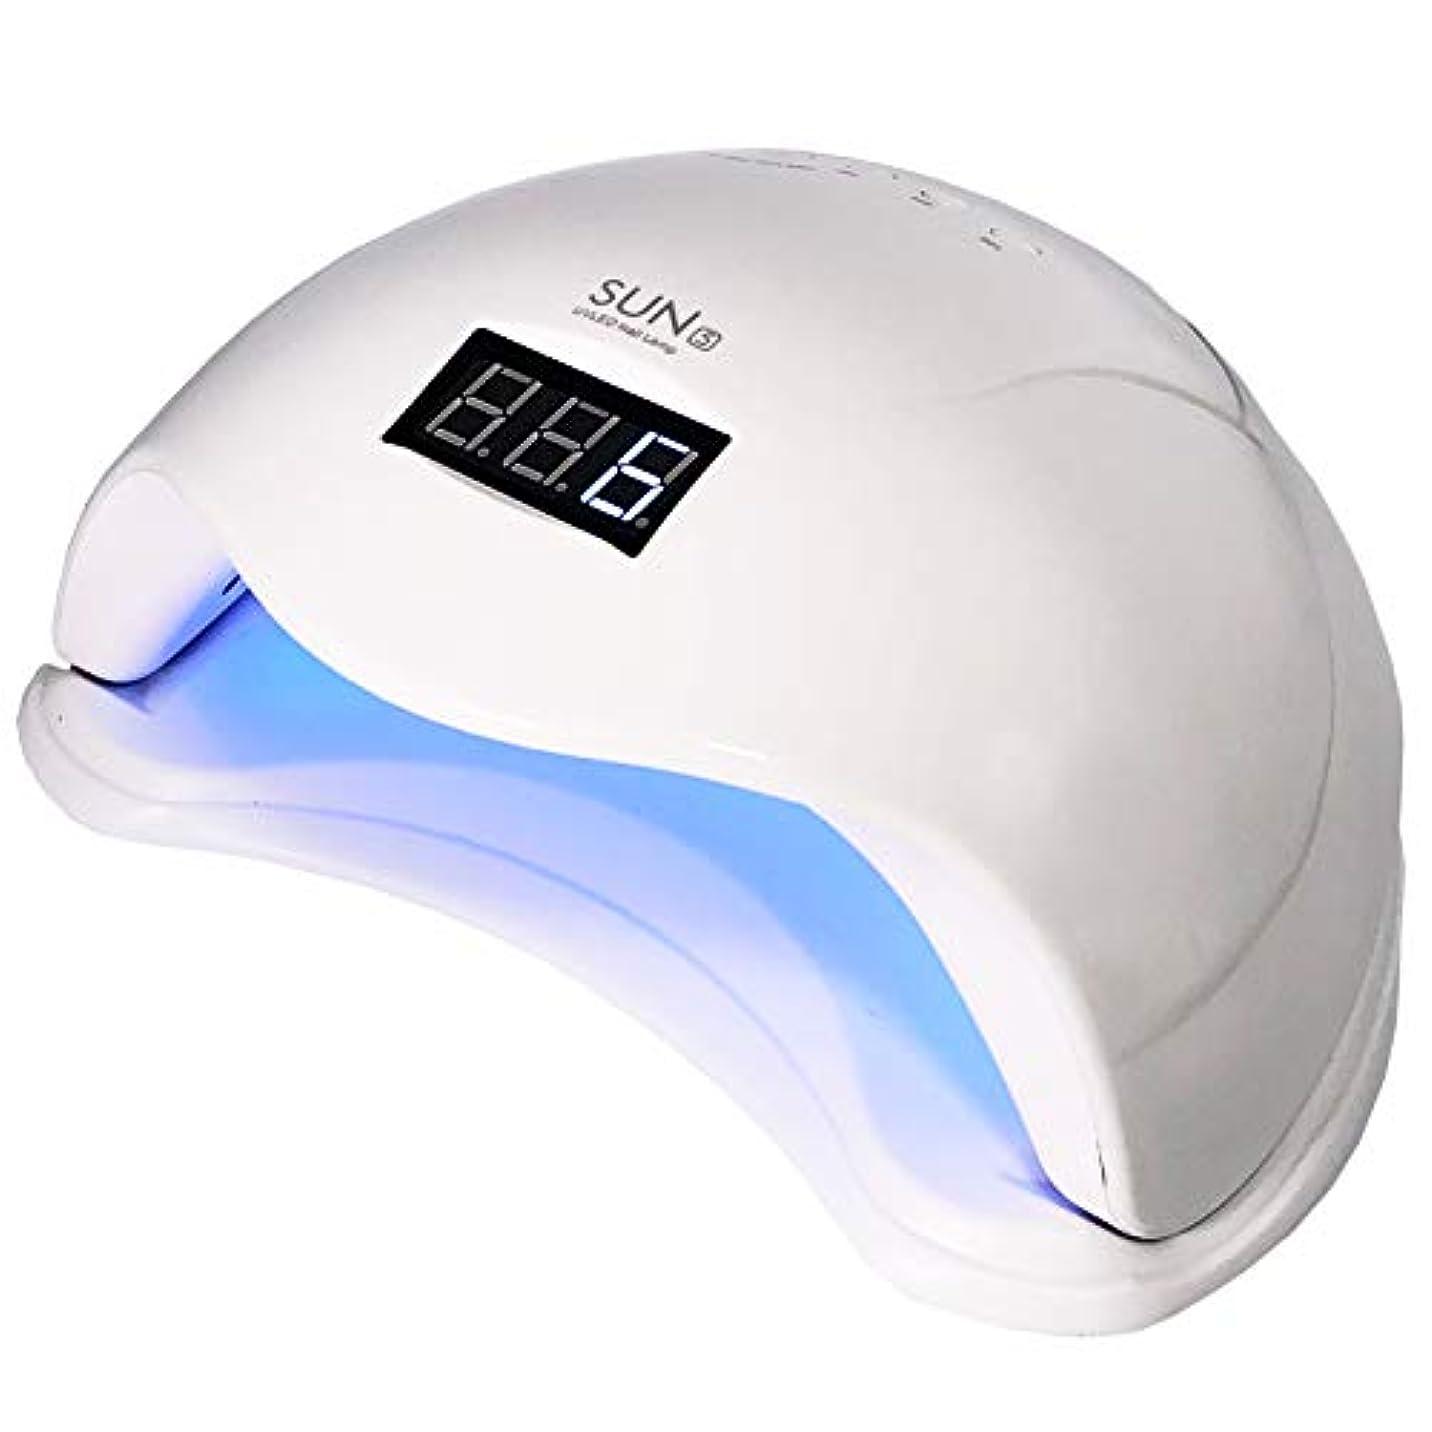 寺院排泄する溶けたUV LED ネイル ライト レジン 48W ジェルネイル ランプ ドーム型 高速硬化 人感センサー 赤外線 低ヒート NAIL